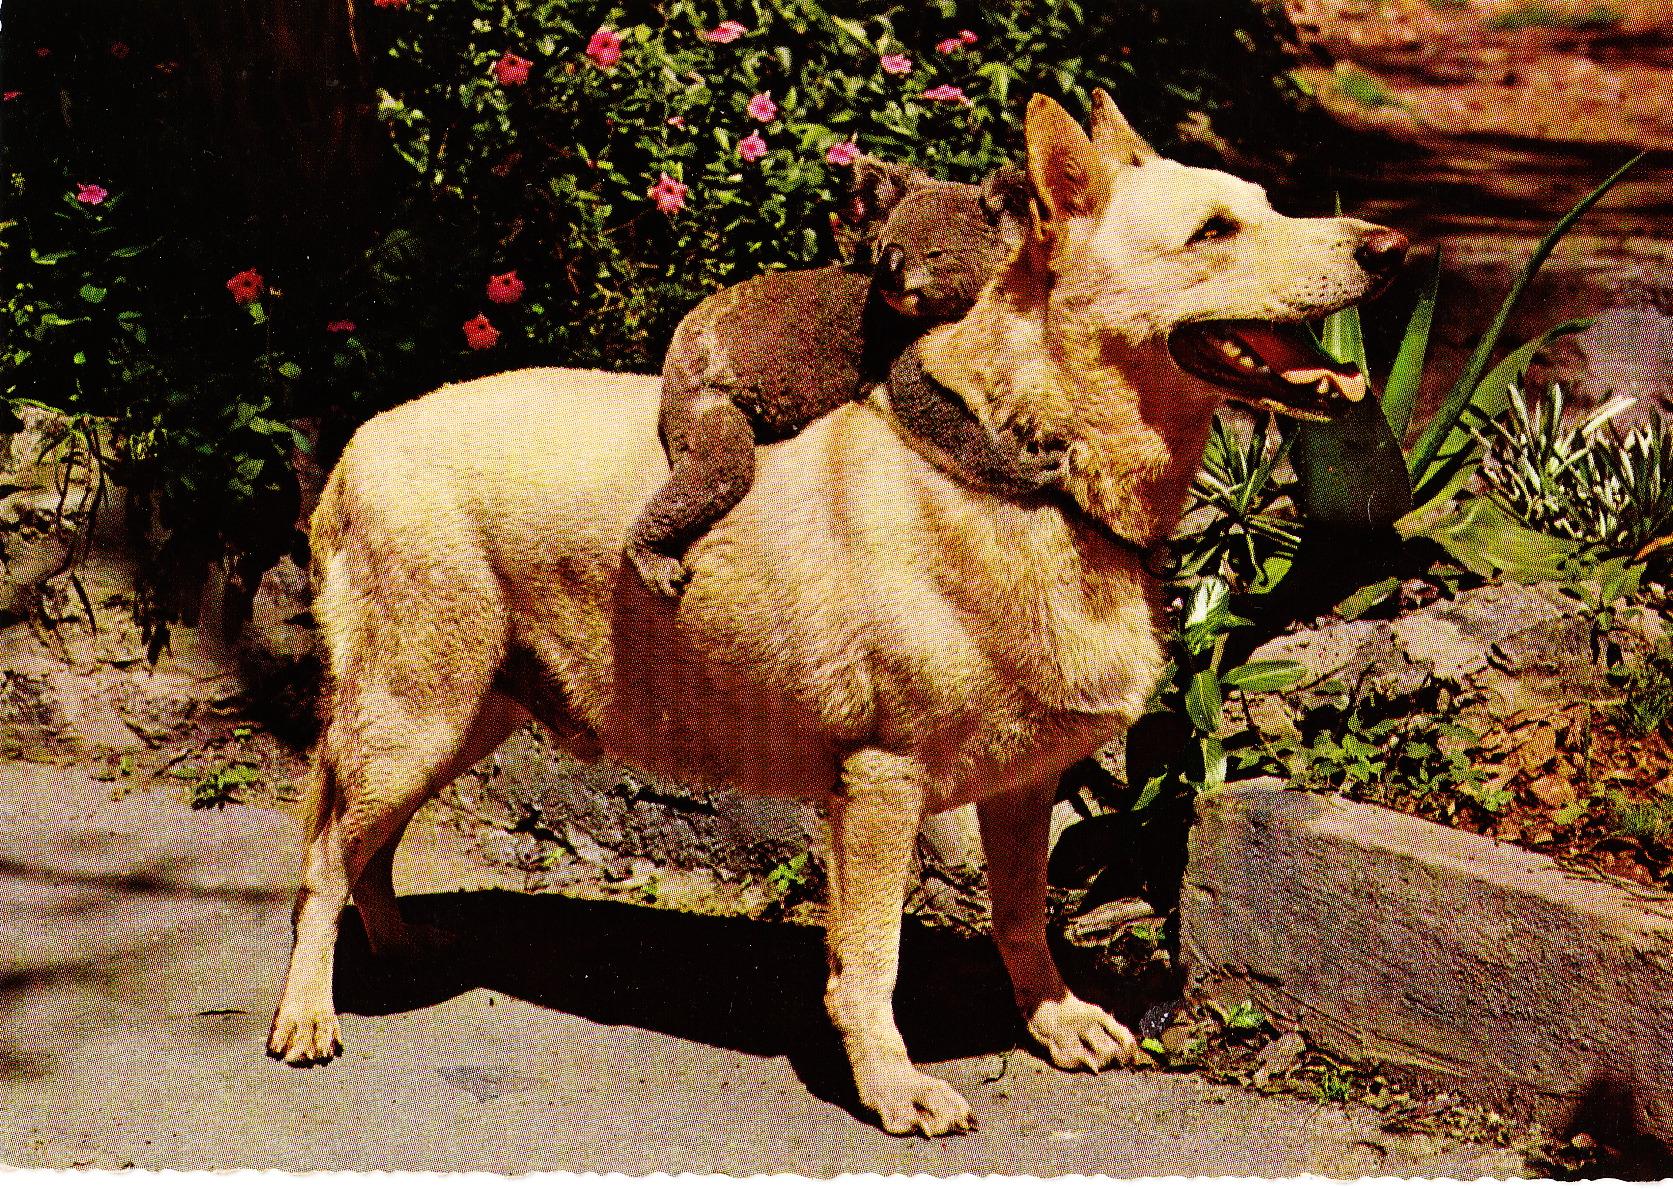 Dog Looks Like Teddy Bear Teddy Bear Riding a Dog